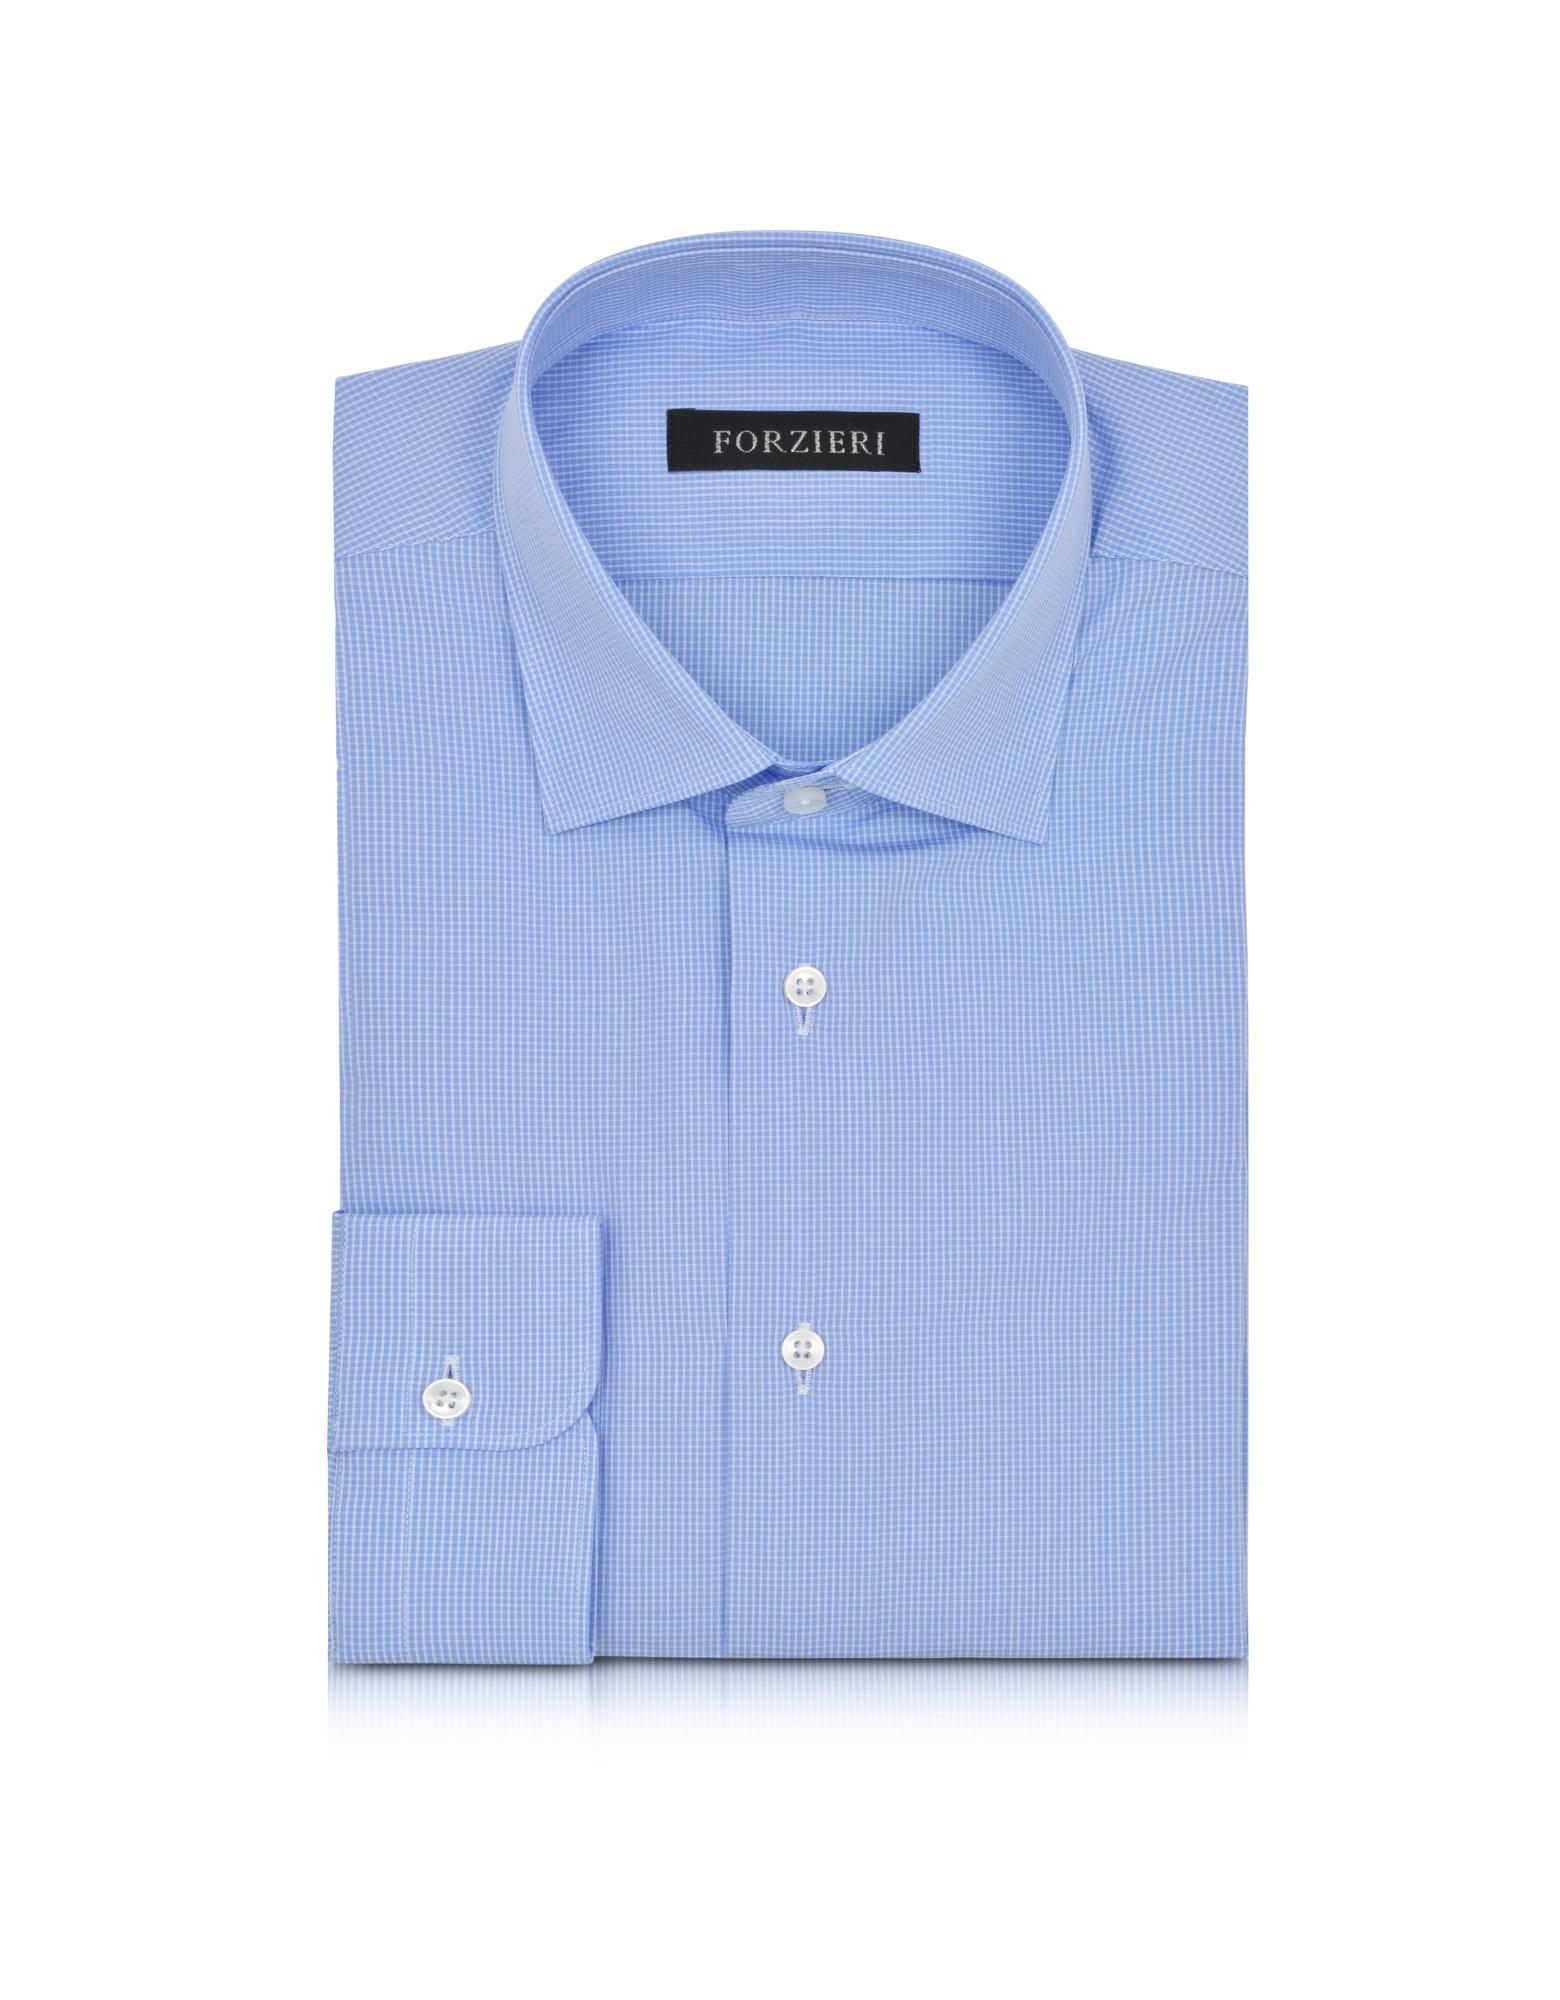 Light Blue Cotton Men's Dress Shirt от Forzieri.com INT